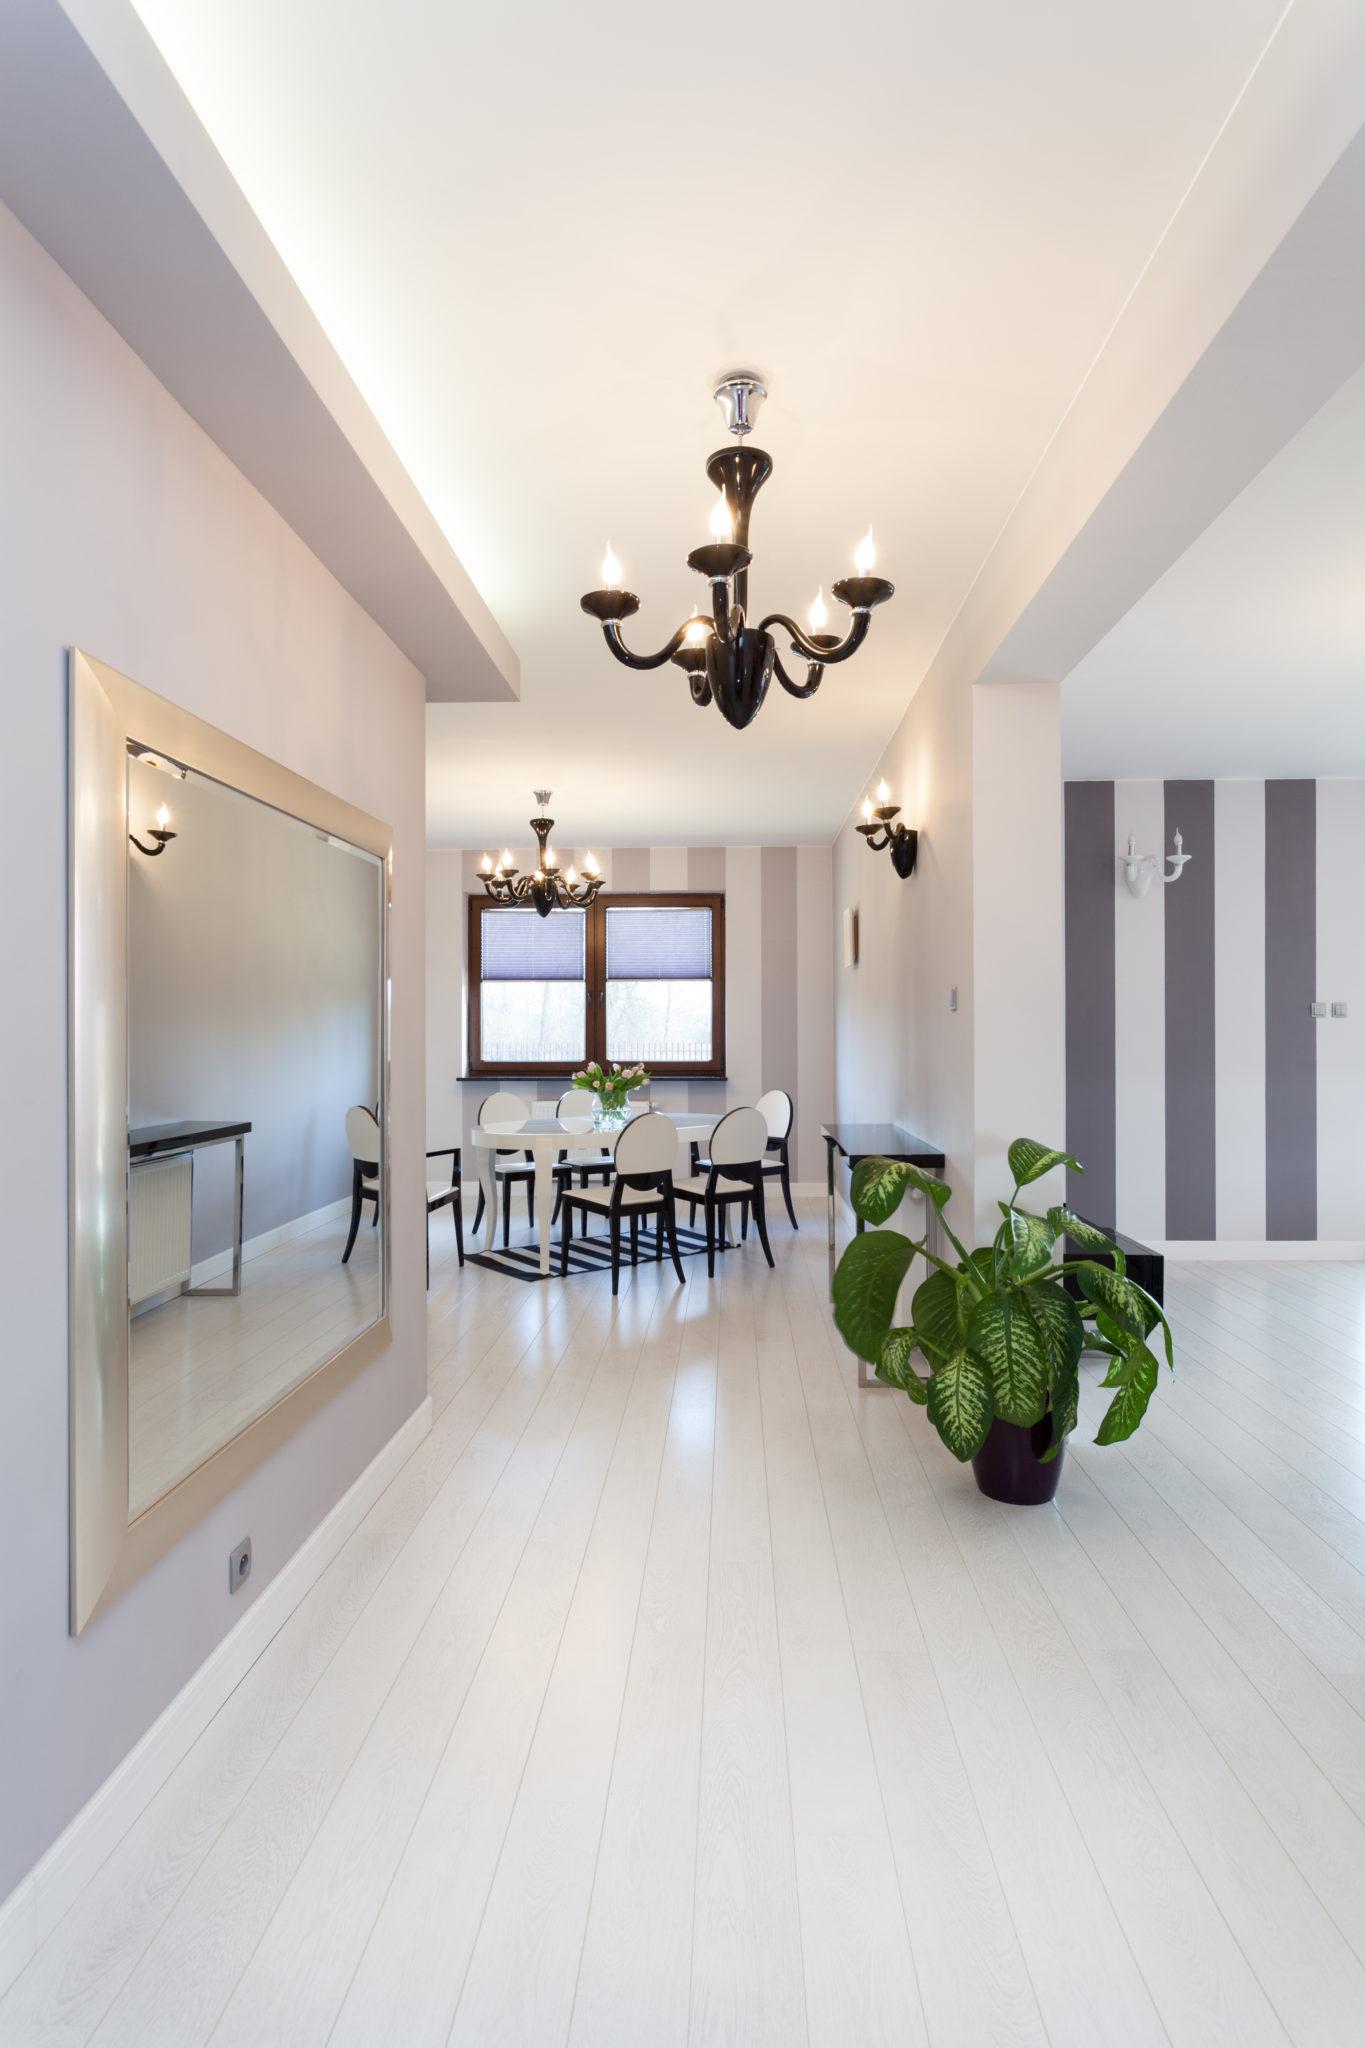 Modna Biała Podłoga Która Odmieni Wnętrze Waszego Domu